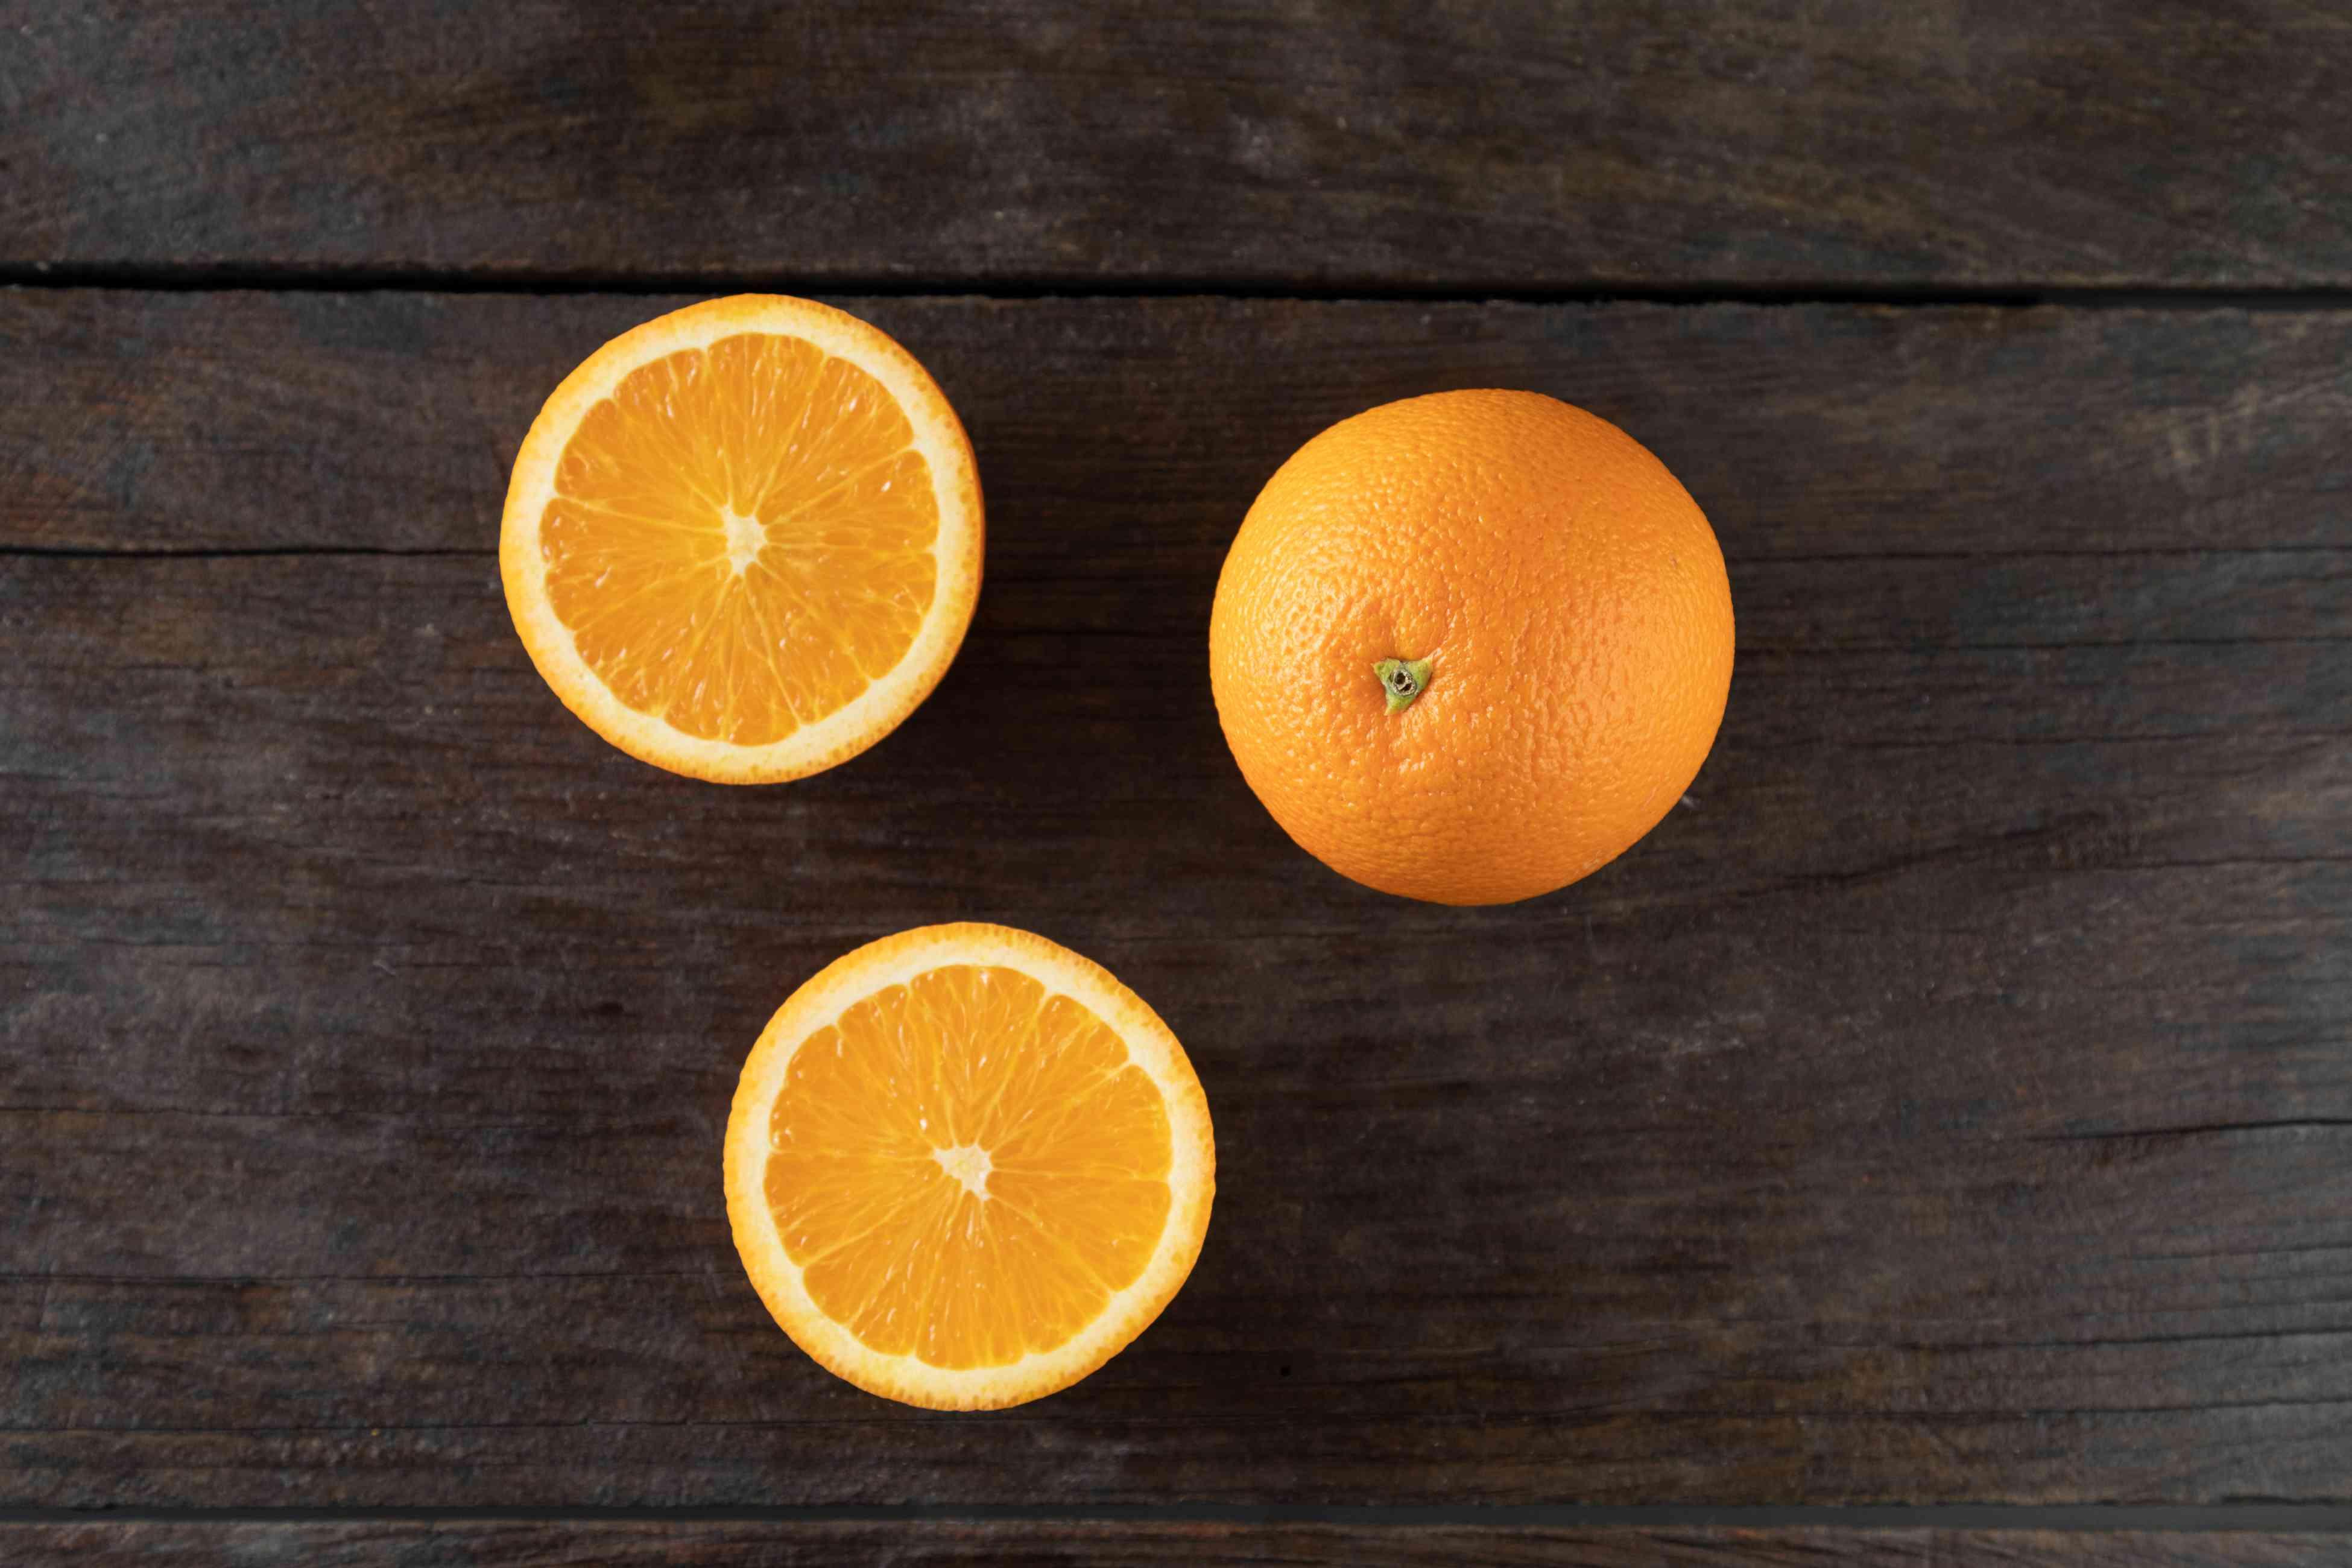 Naval oranges on dark background